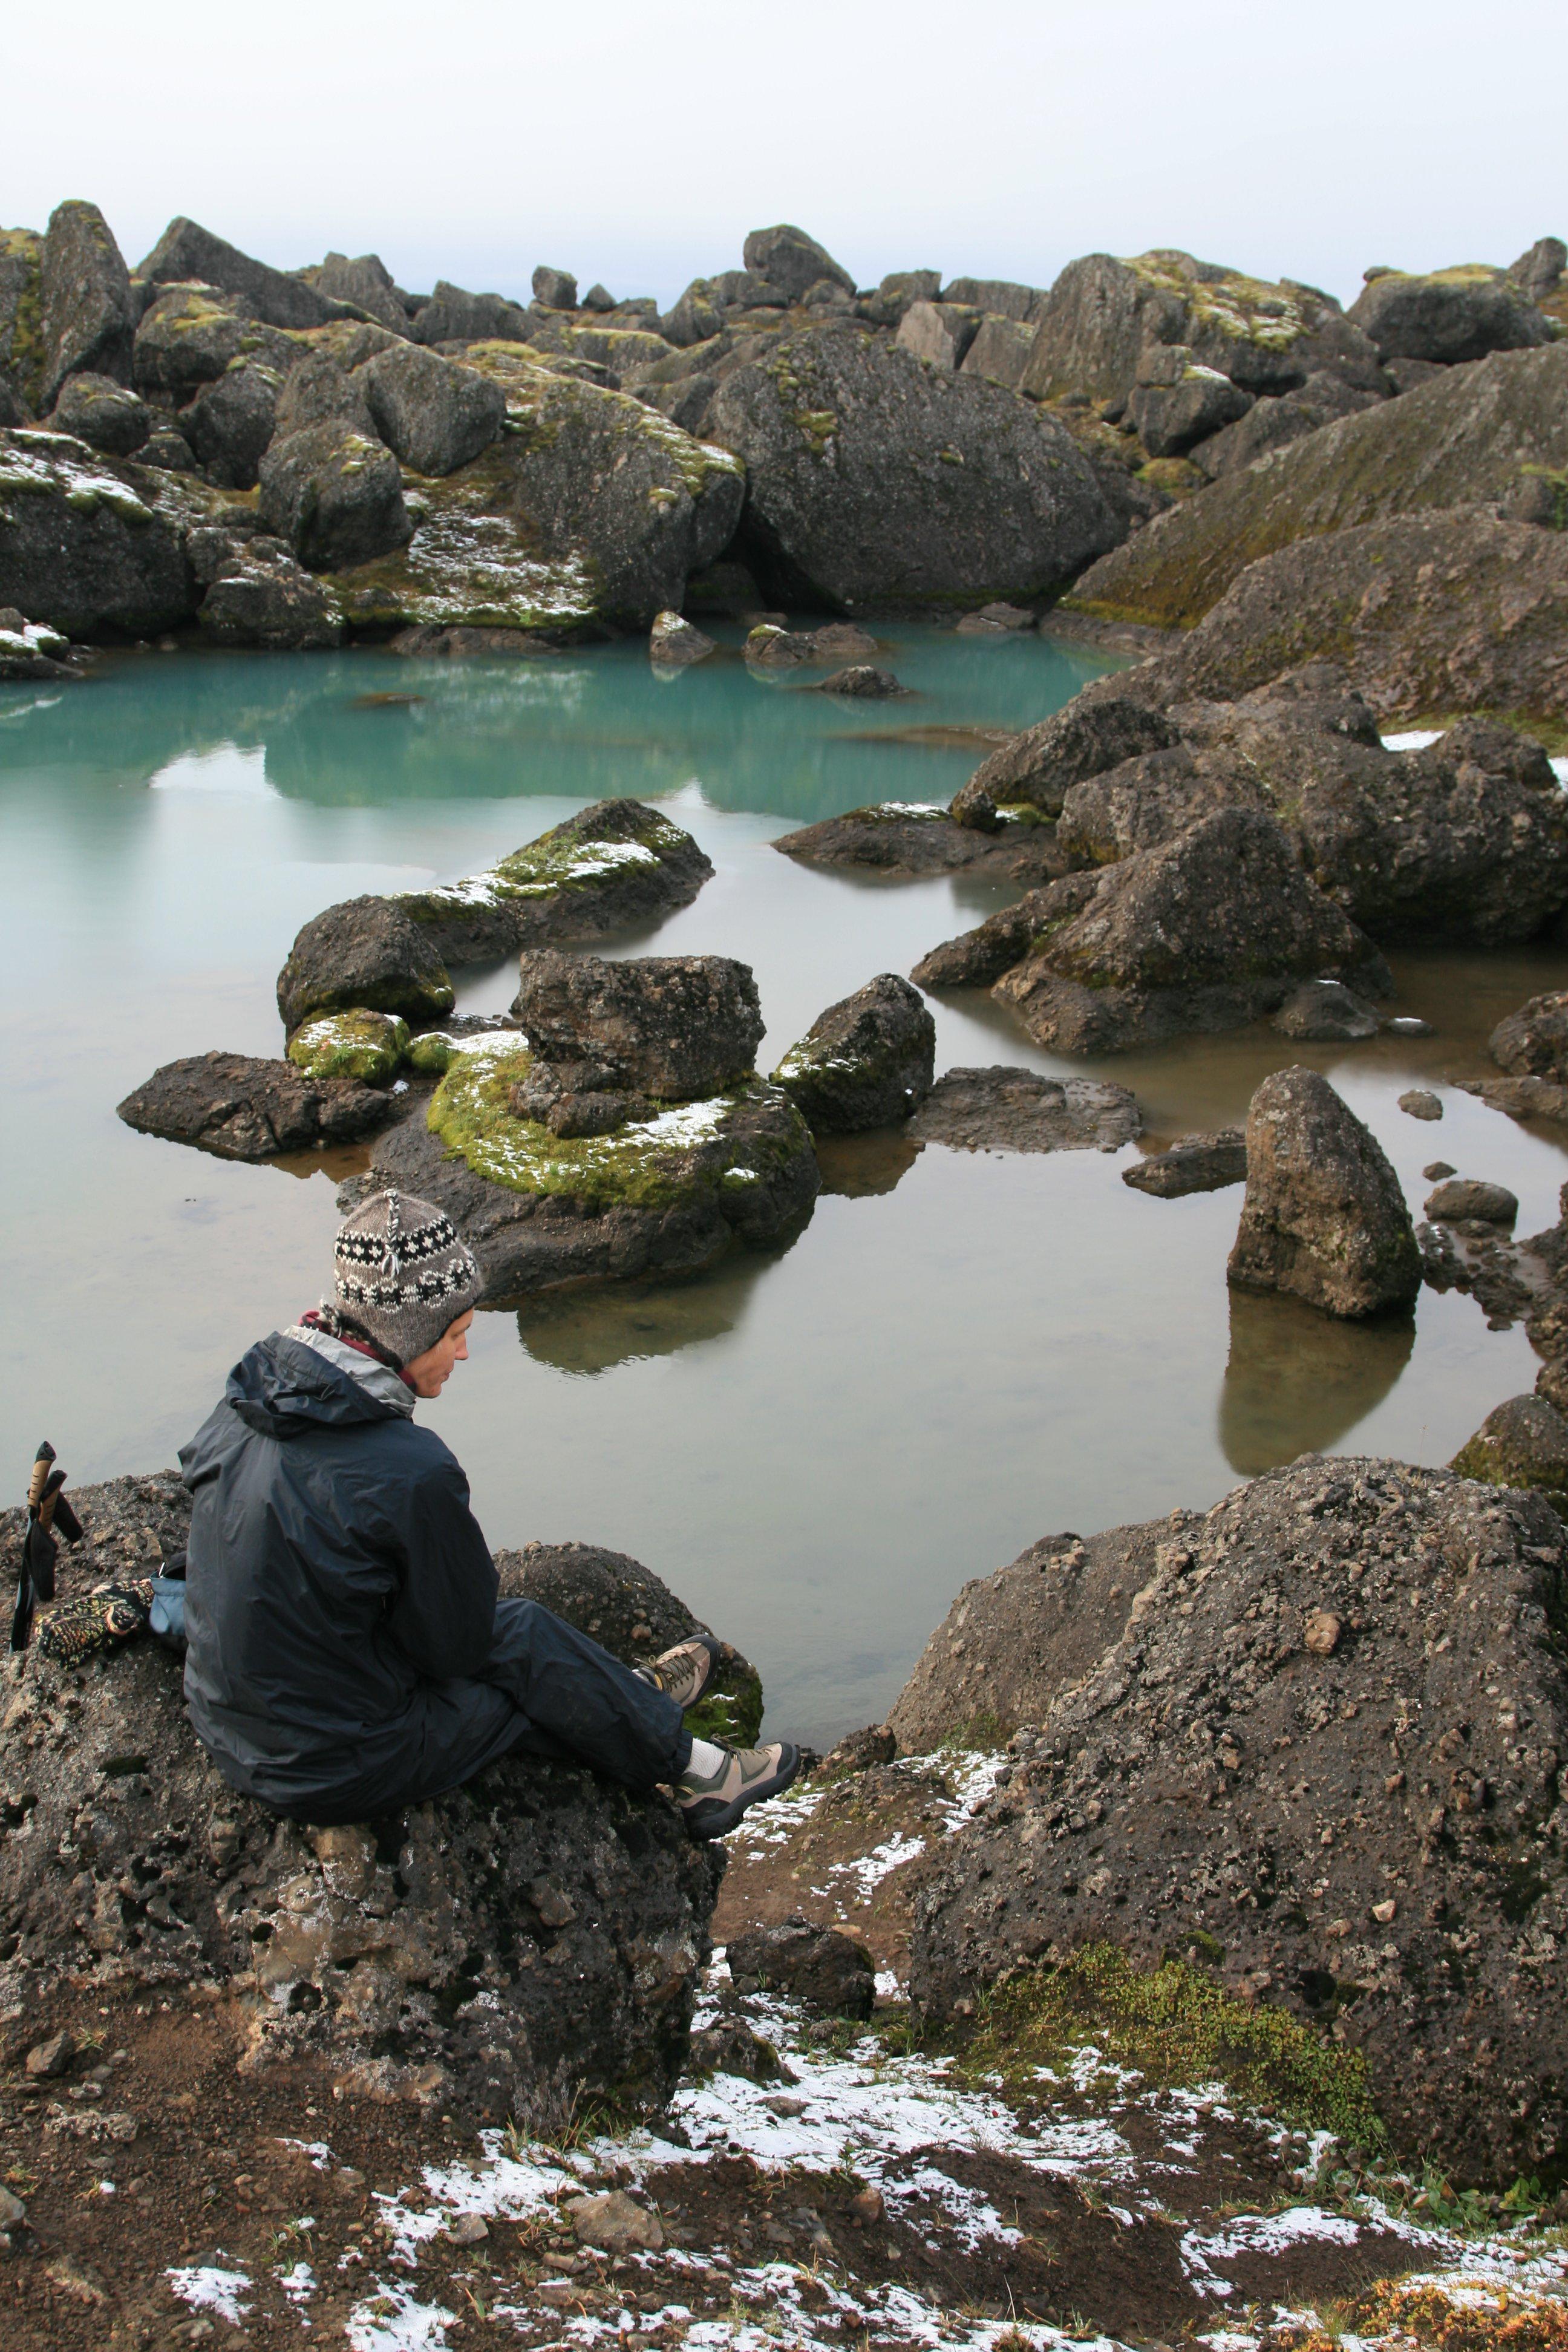 La surface rocheuse du sentier de randonnée Stórurð.